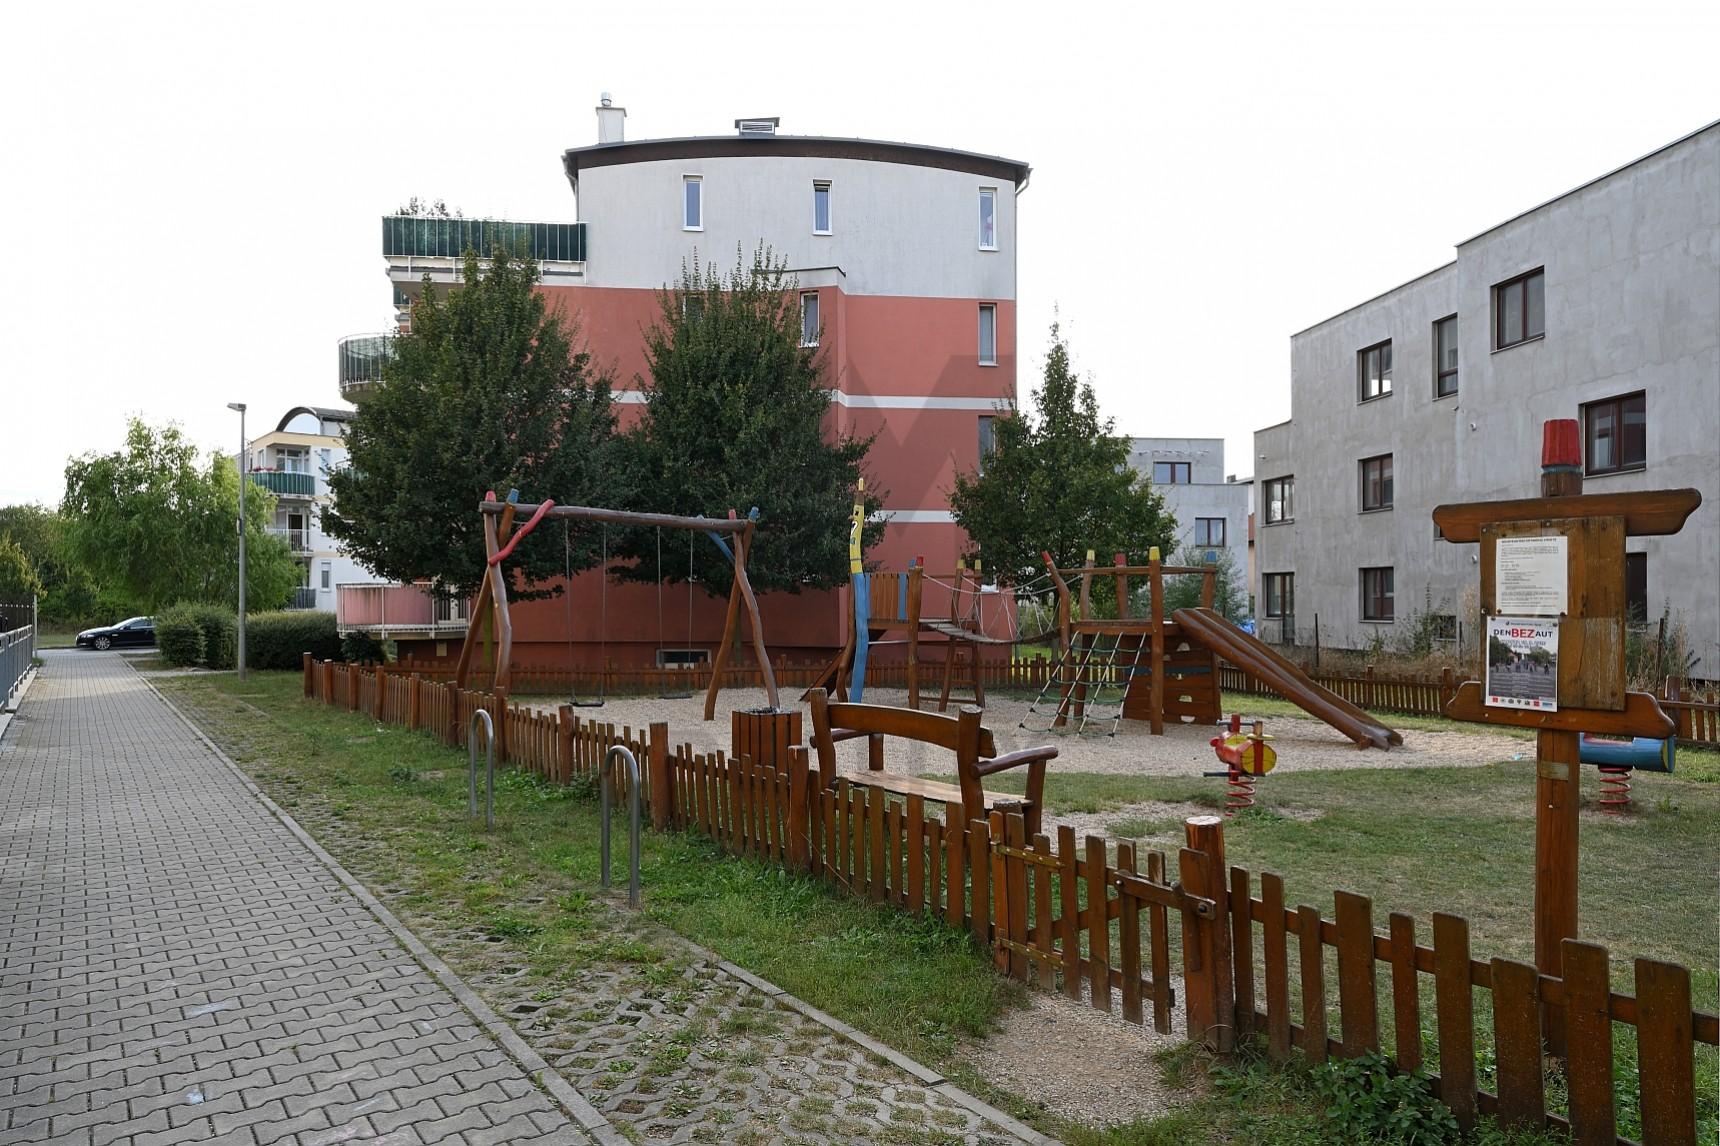 PRODEJ BYTU 3+kk S TERASOU A GAR. STÁNÍM, Pastevců, Praha 4 - Újezd u Průhonic